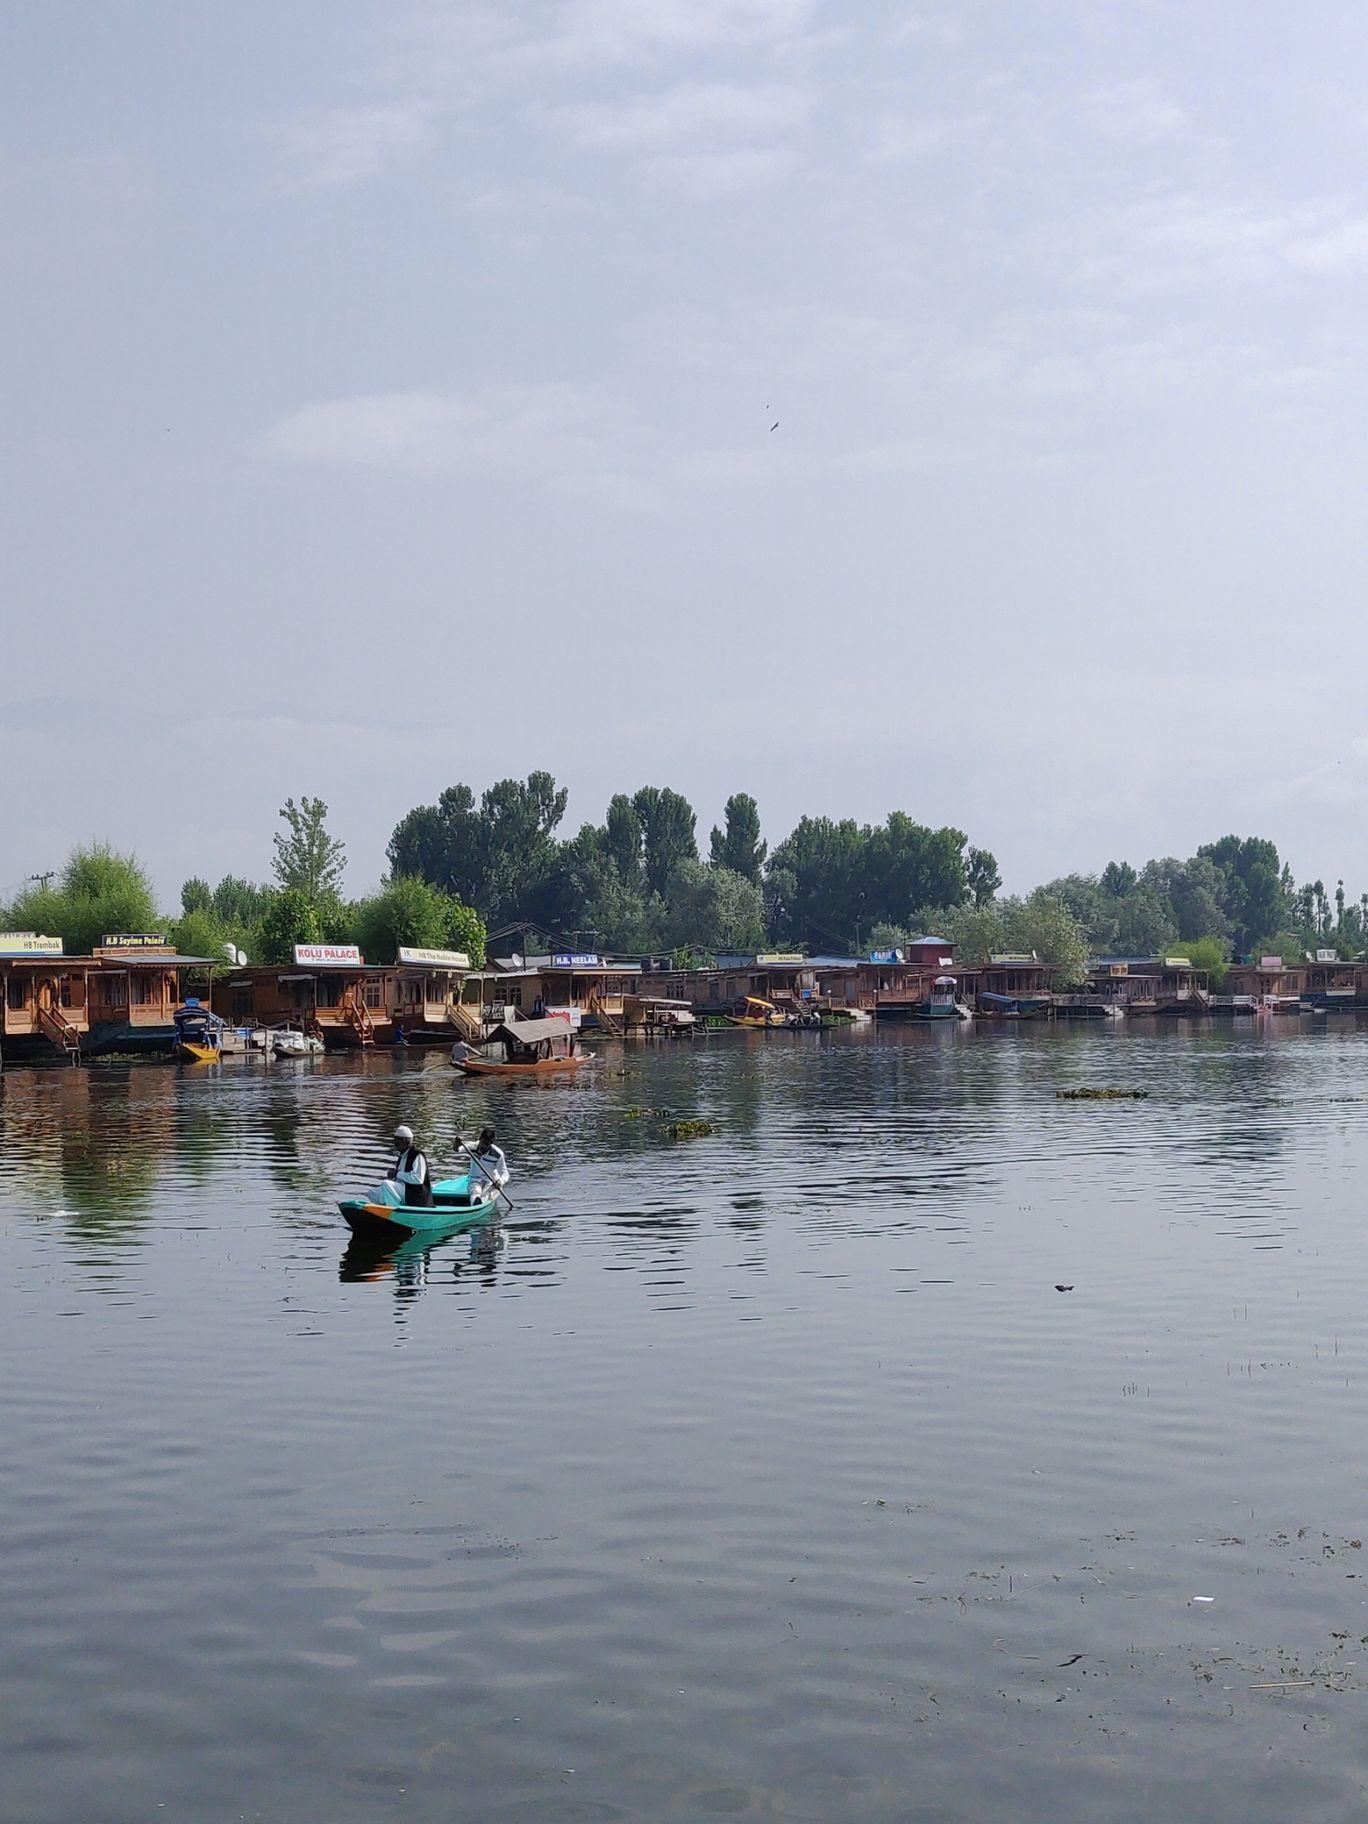 Photo of Dal Lake By pratik masurkar